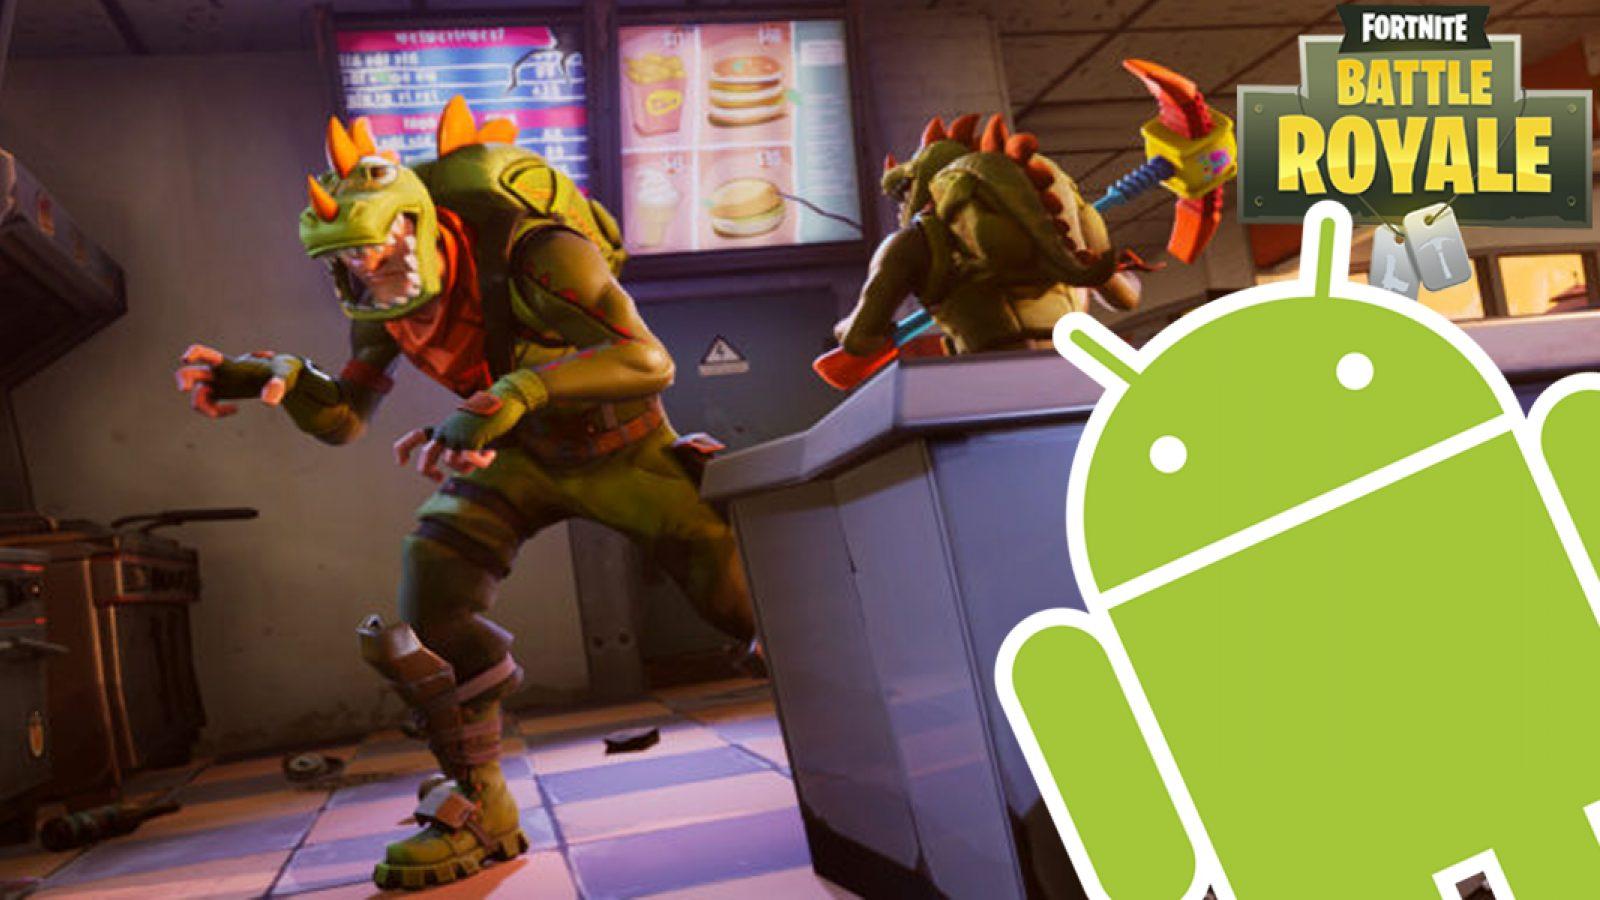 Fortnite cho Android chứa lỗ hổng tự chạy ứng dụng khả nghi